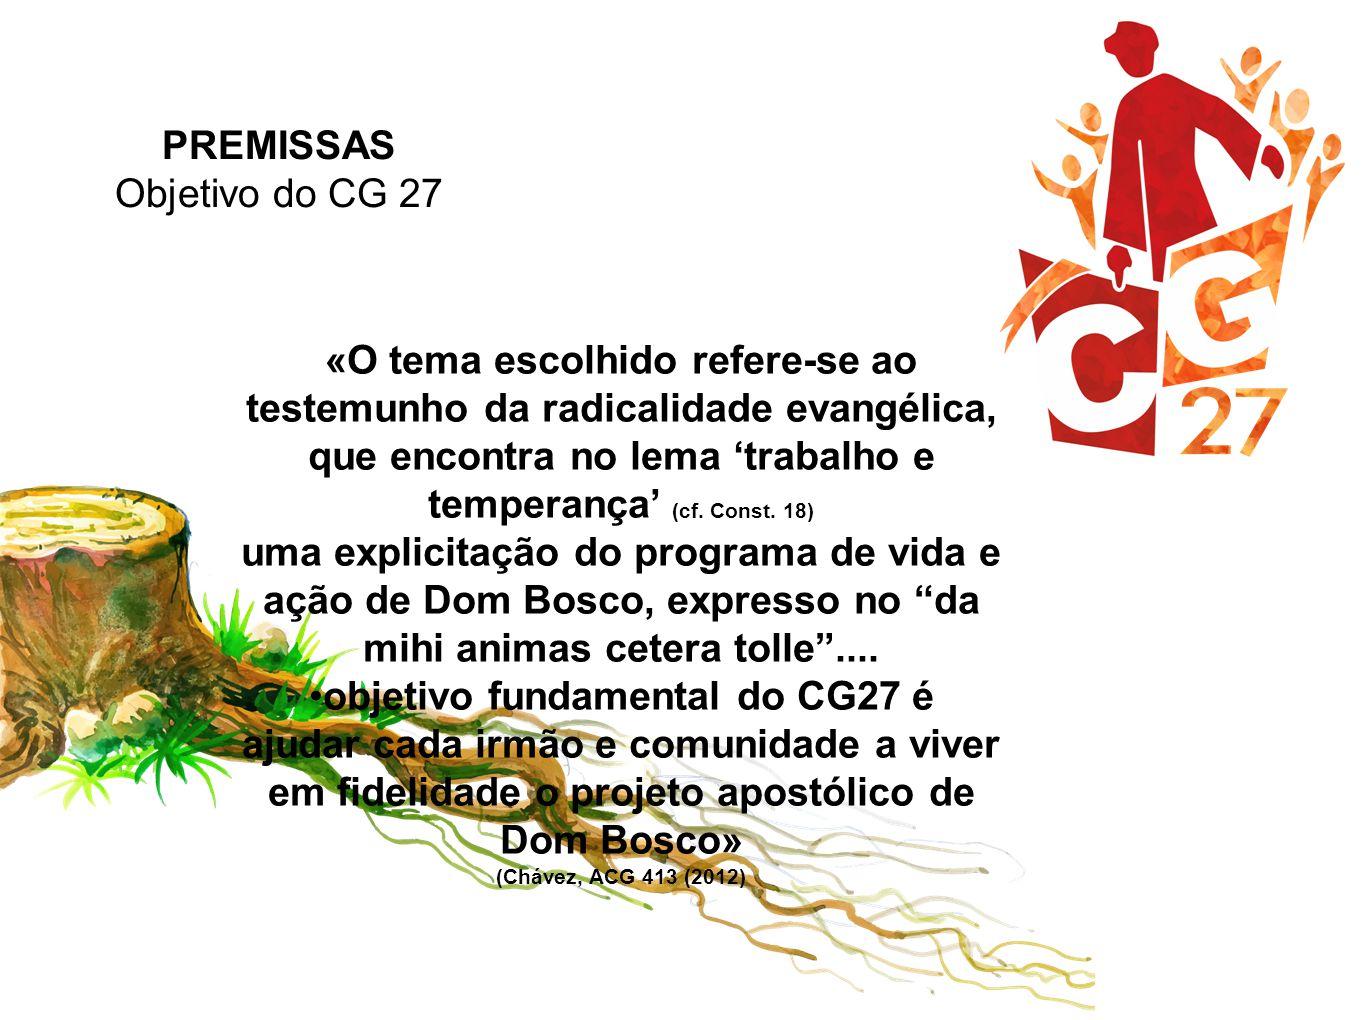 objetivo fundamental do CG27 é